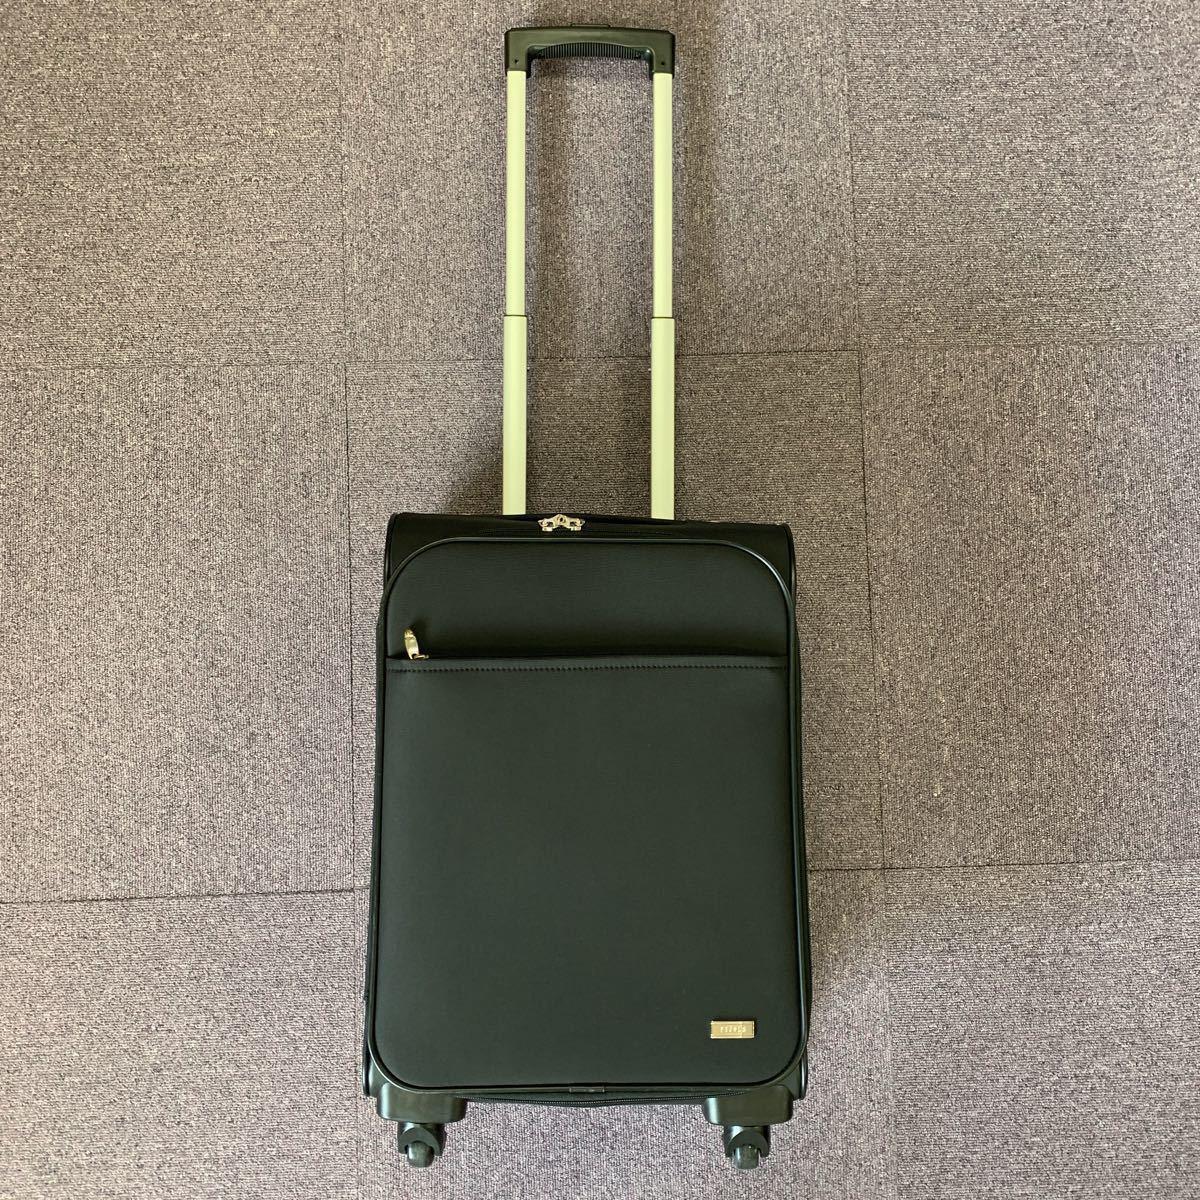 美品!ACE ビジネスキャリーバッグ ポーチ付 PUJOLS 旅行バッグカバン スーツケース エース 4輪_画像4